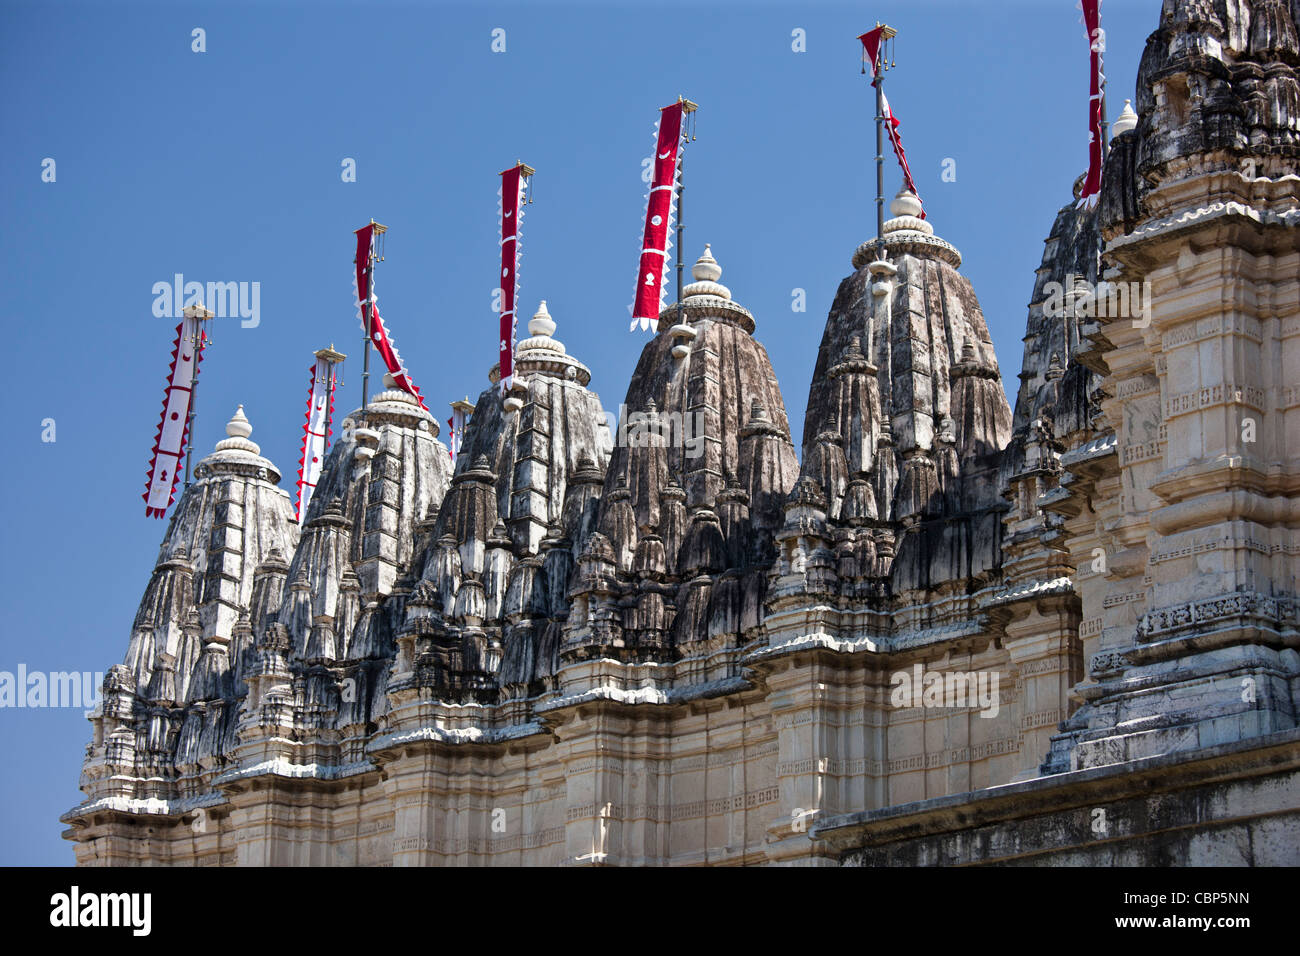 Ranakpur Jain-Tempel in Gegenden Garcias in Pali Bezirk von Rajasthan, Westindien Stockbild